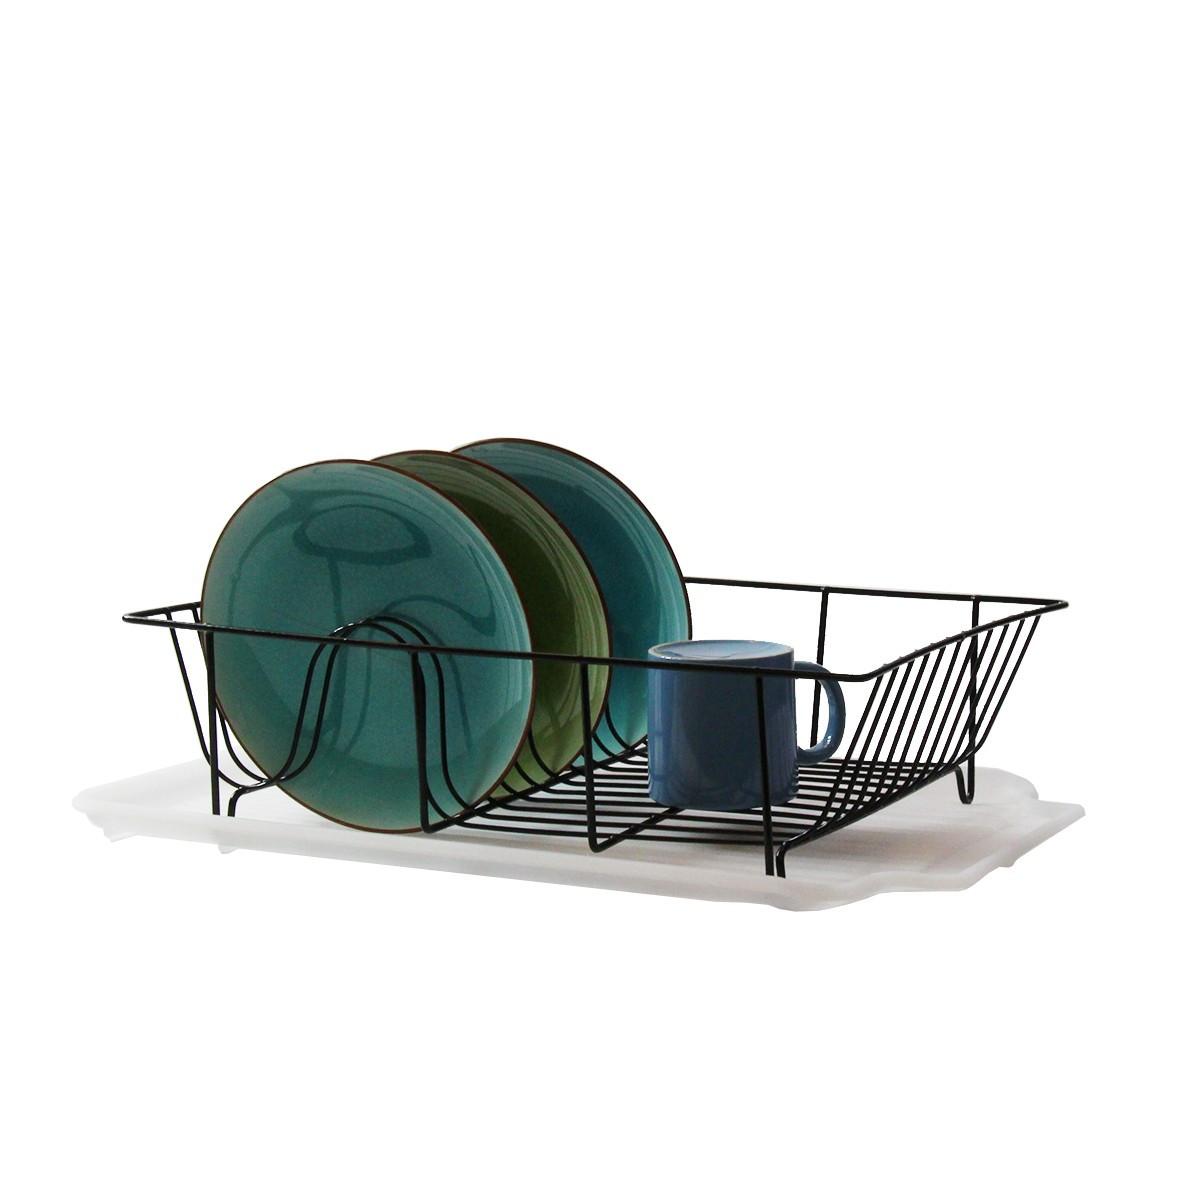 egouttoir en metal noir et plastique blanc rangement cuisine. Black Bedroom Furniture Sets. Home Design Ideas